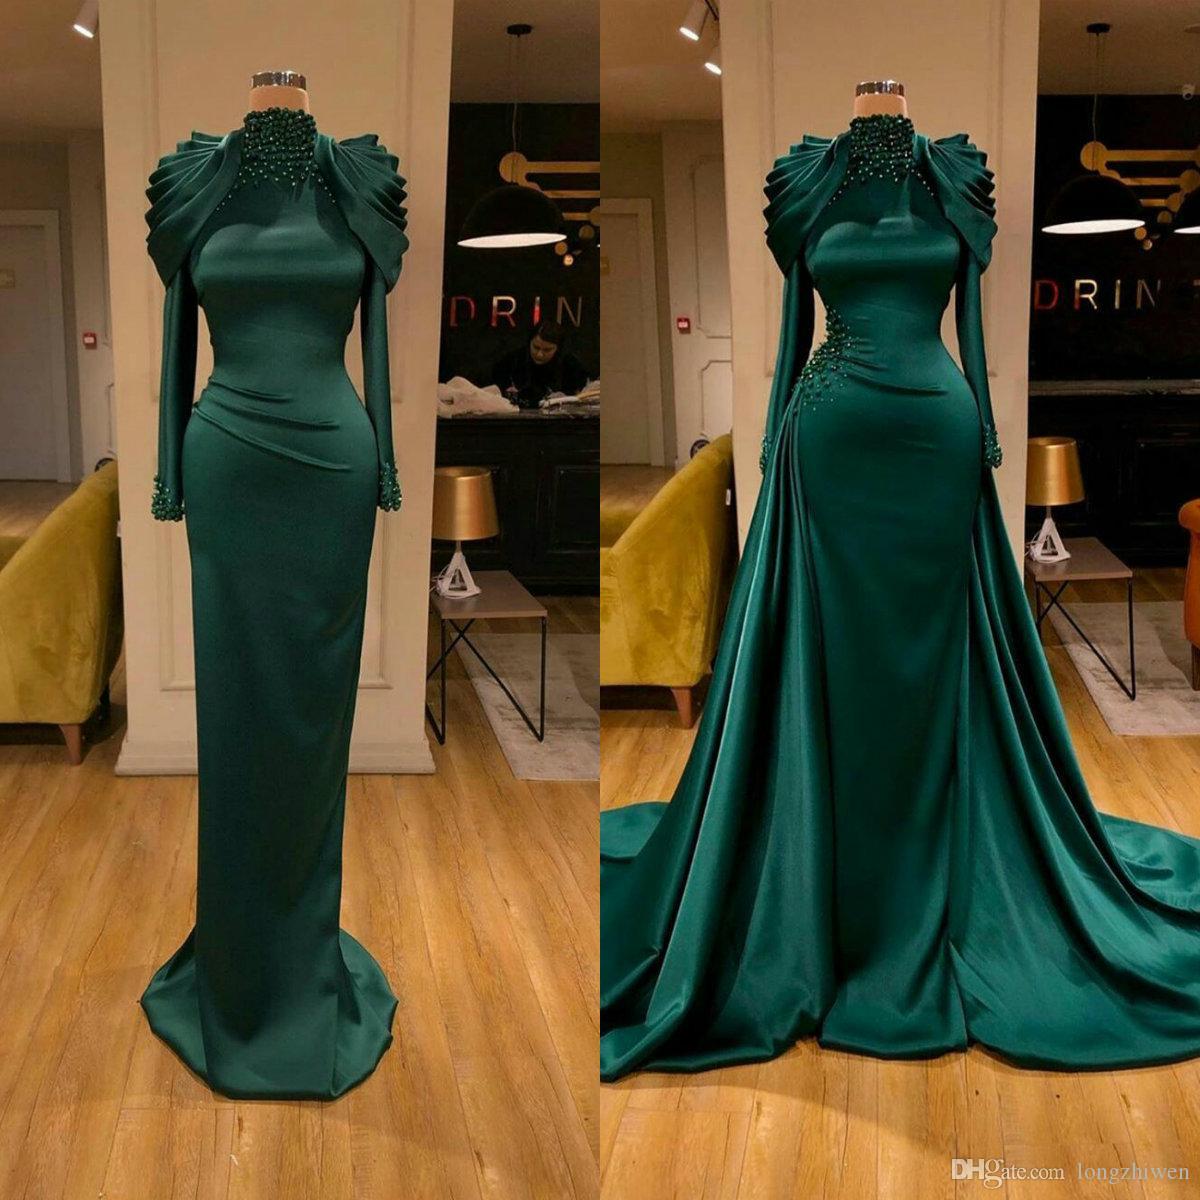 2020 elegantes vestidos de noche de sirena con tren desmontable mangas de cuello alto de cuello de cuello de cuello de cuentas vestido de fiesta formal roto hecho a medida vestido de fiesta